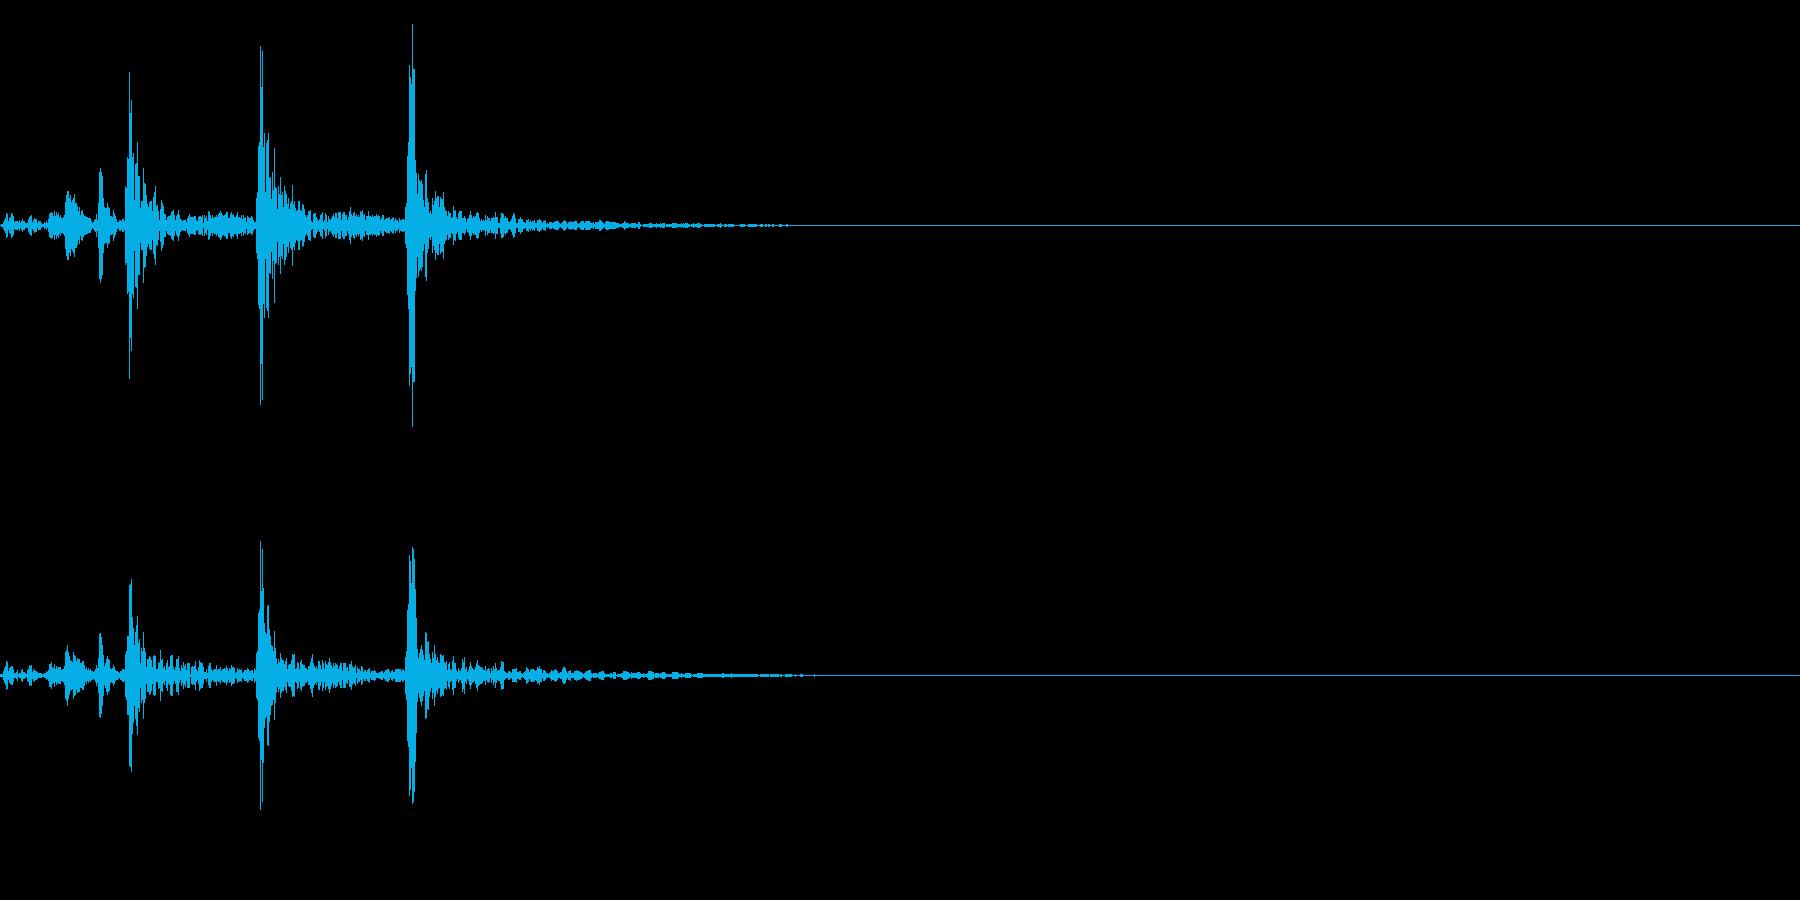 ティンパニ、(手)、ショートバトル...の再生済みの波形